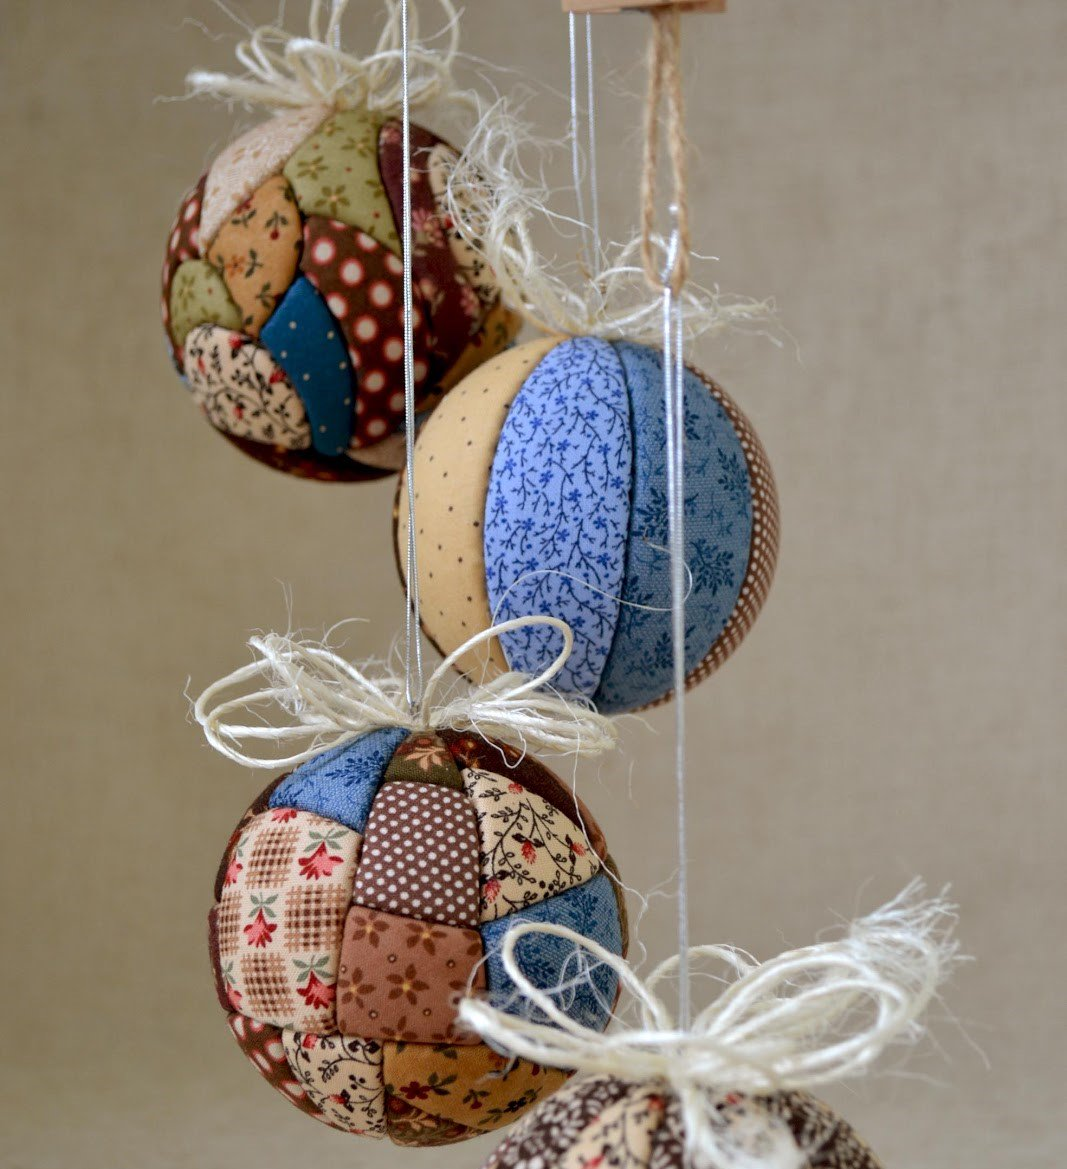 Fondos bolas navidad fondos de pantalla - Fotos de bolas de navidad ...